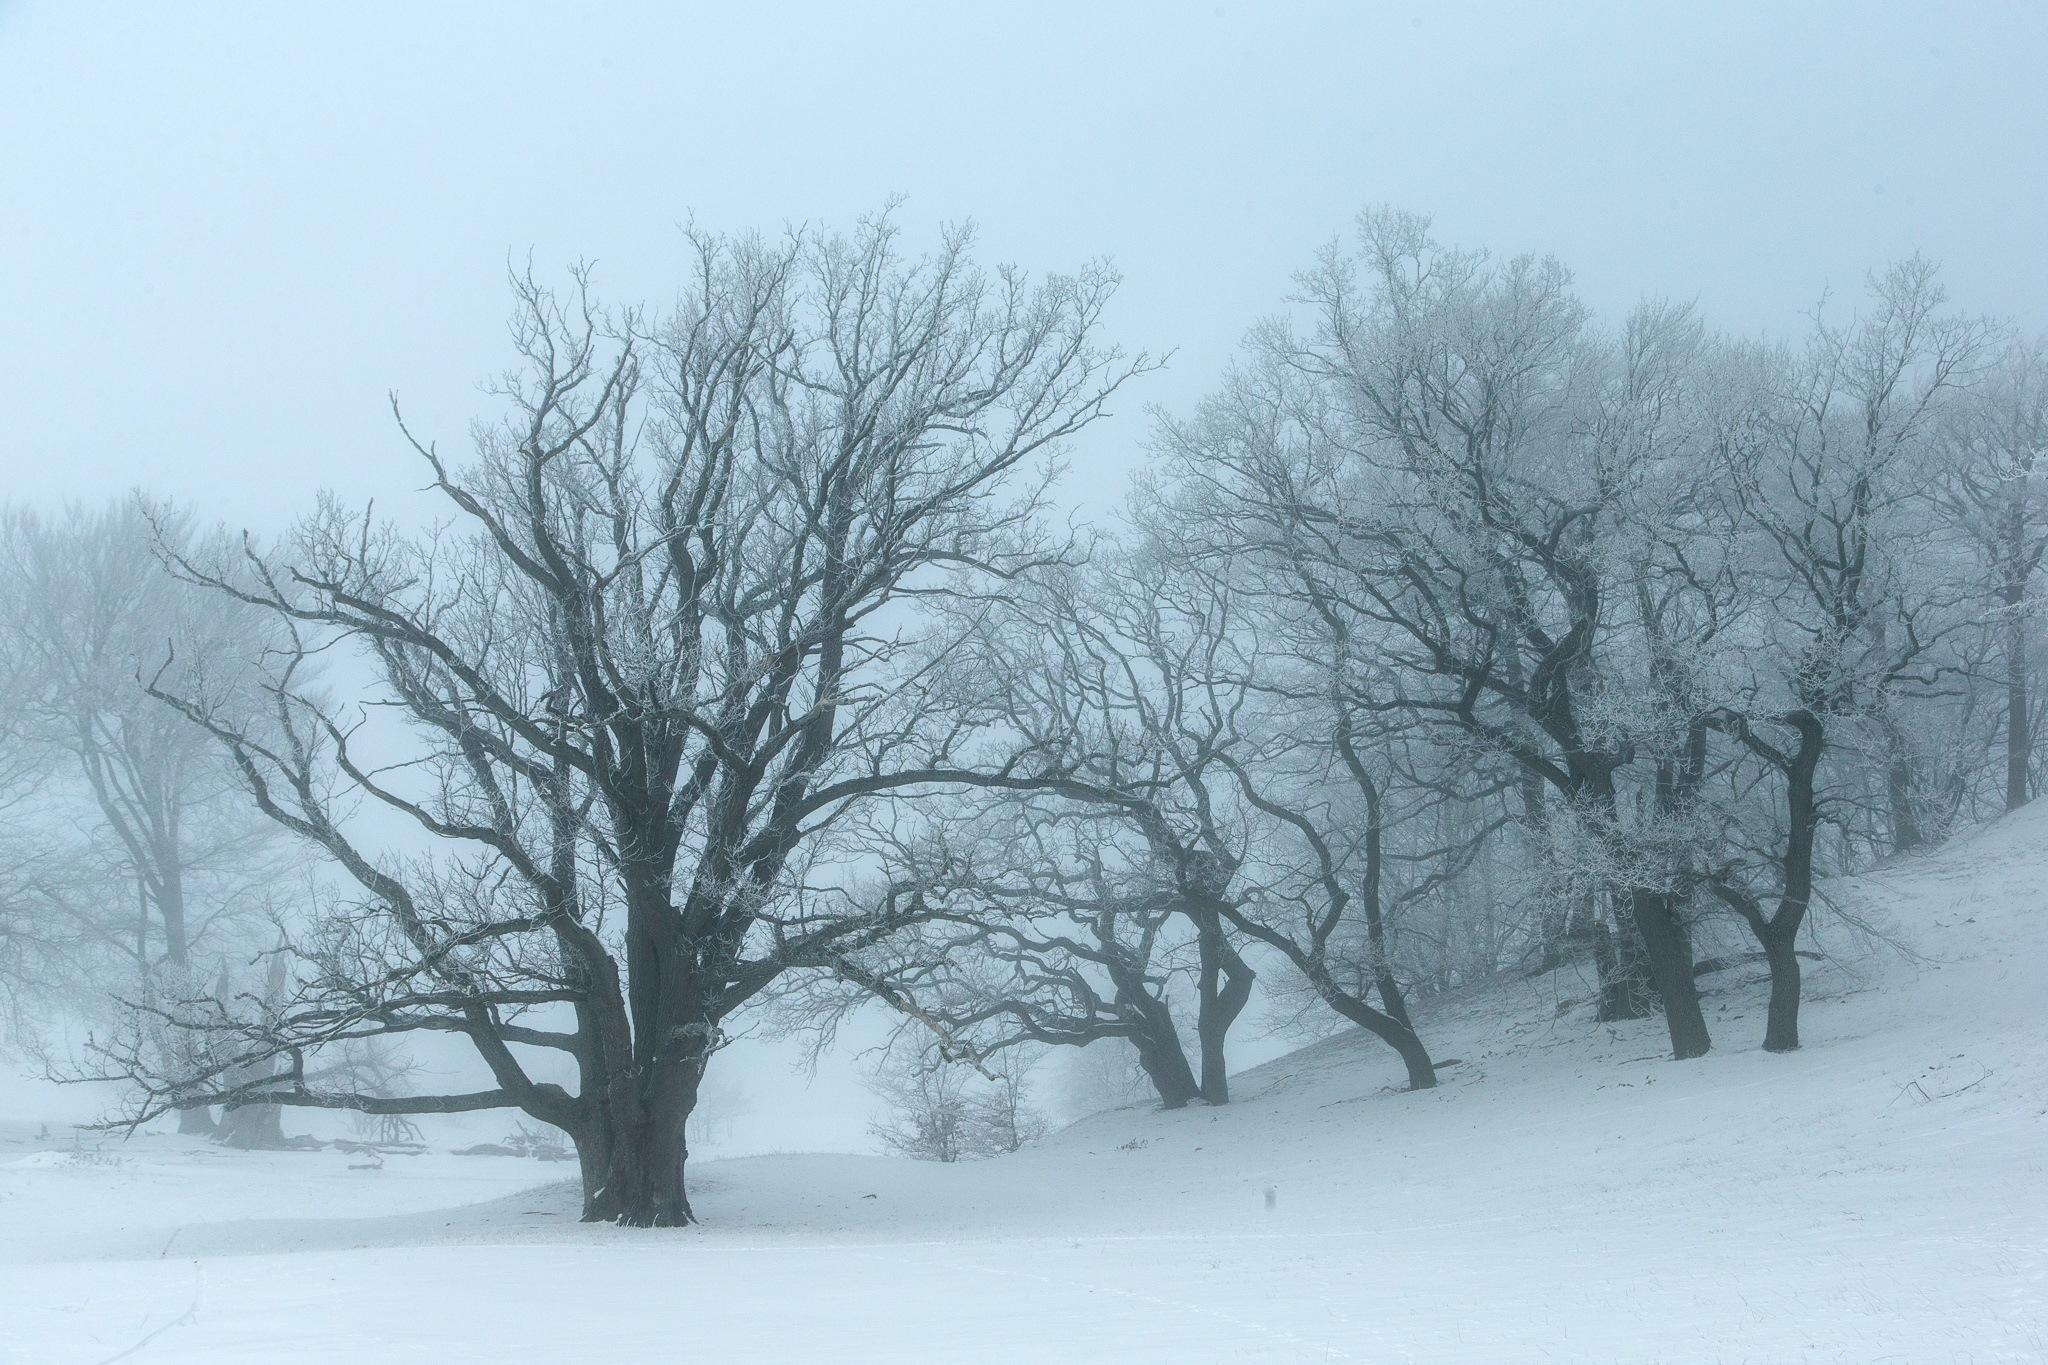 Winter trees by Håkan Liljenberg